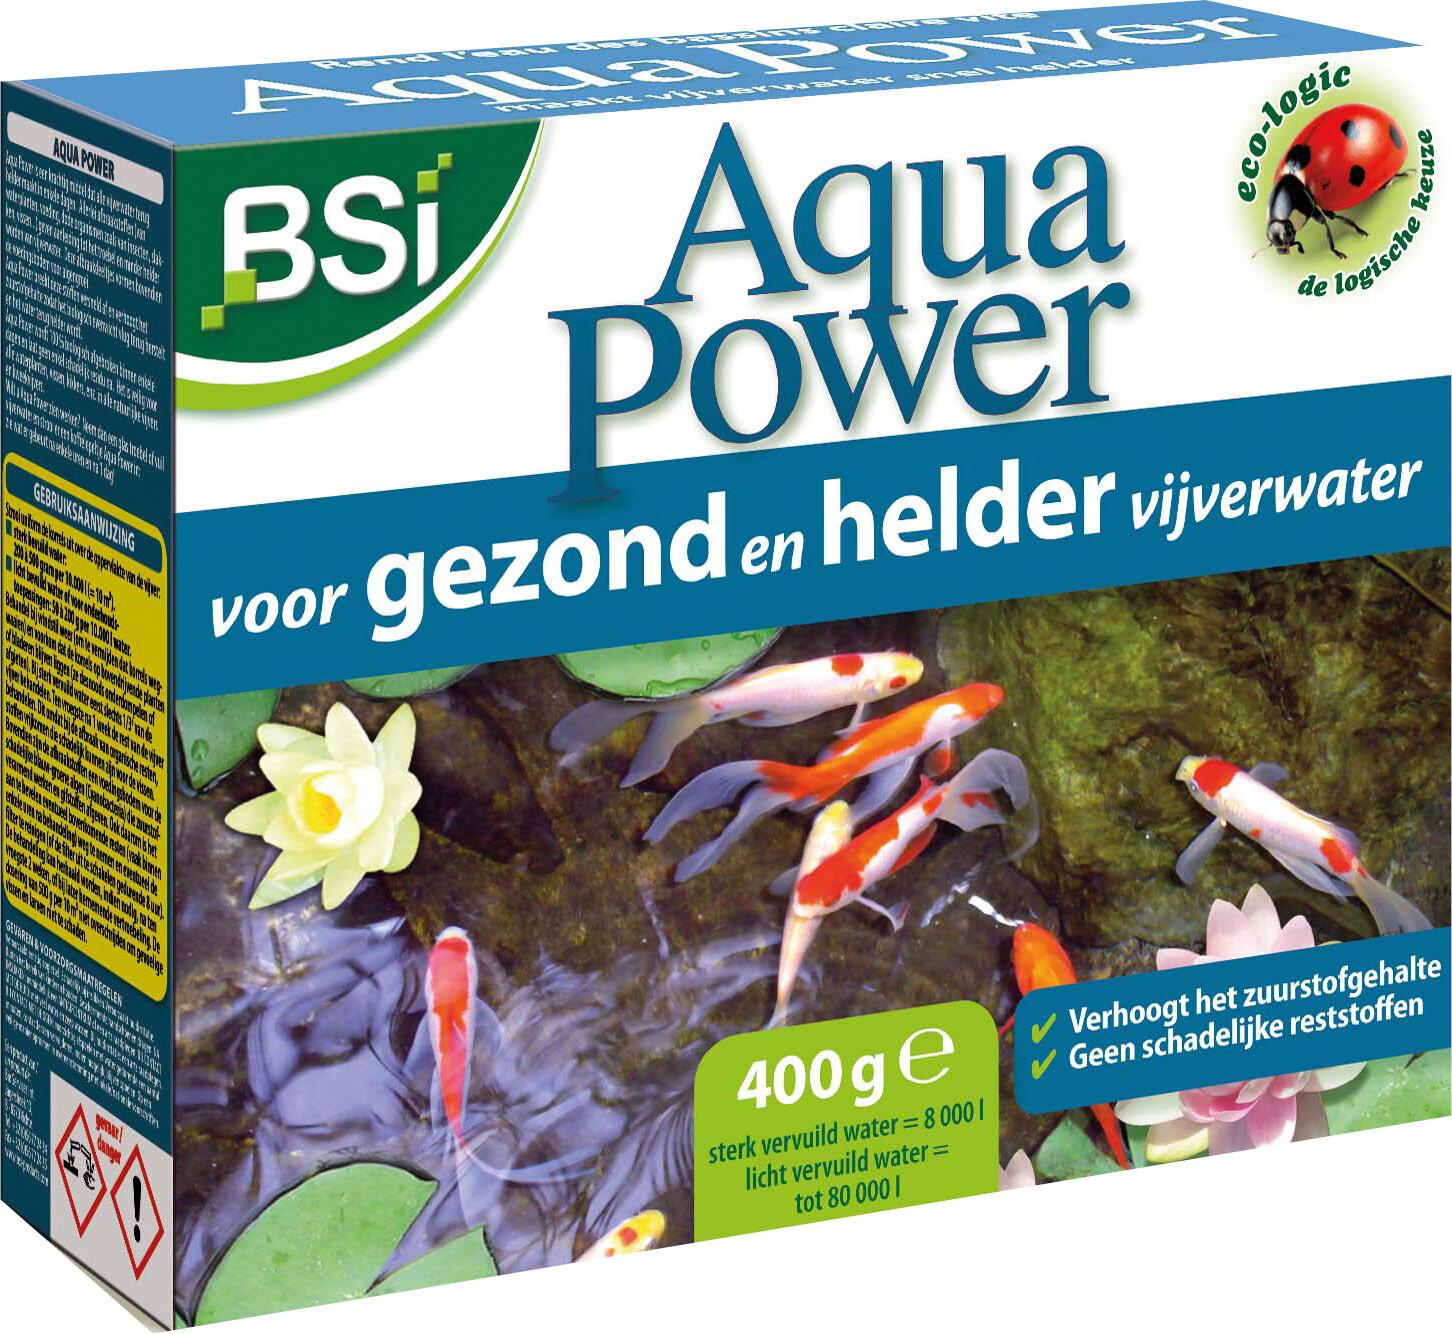 Afbeelding Bsi Aqua Power - Waterverbeteraars - 400 g